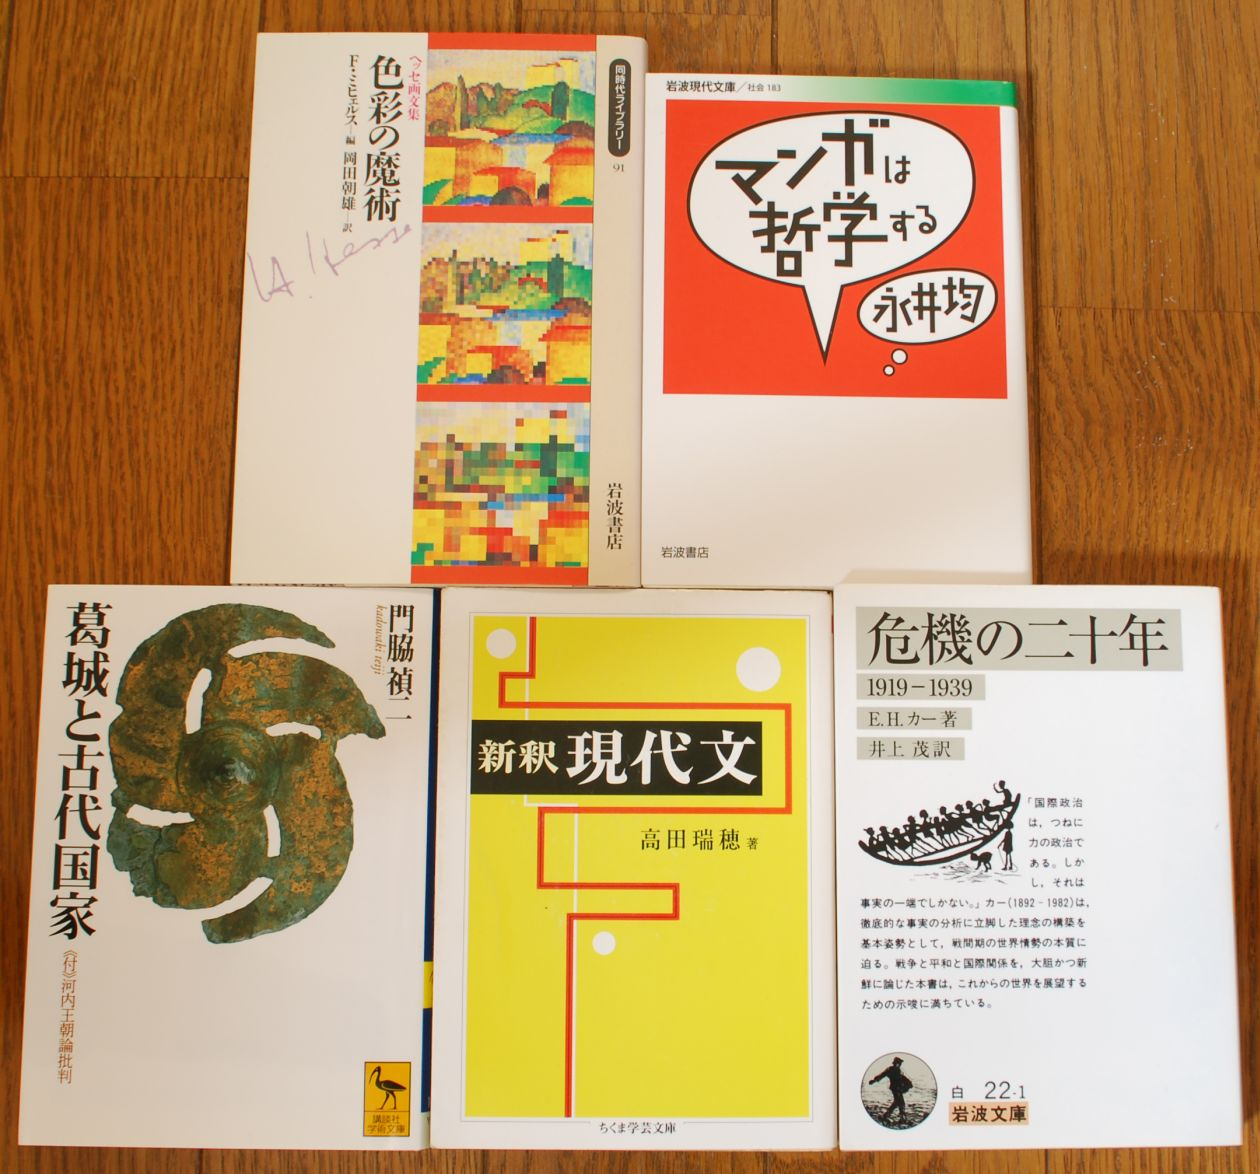 永井 均「マンガは哲学する」、カー「危機の二十年」ちくま学芸など買取!